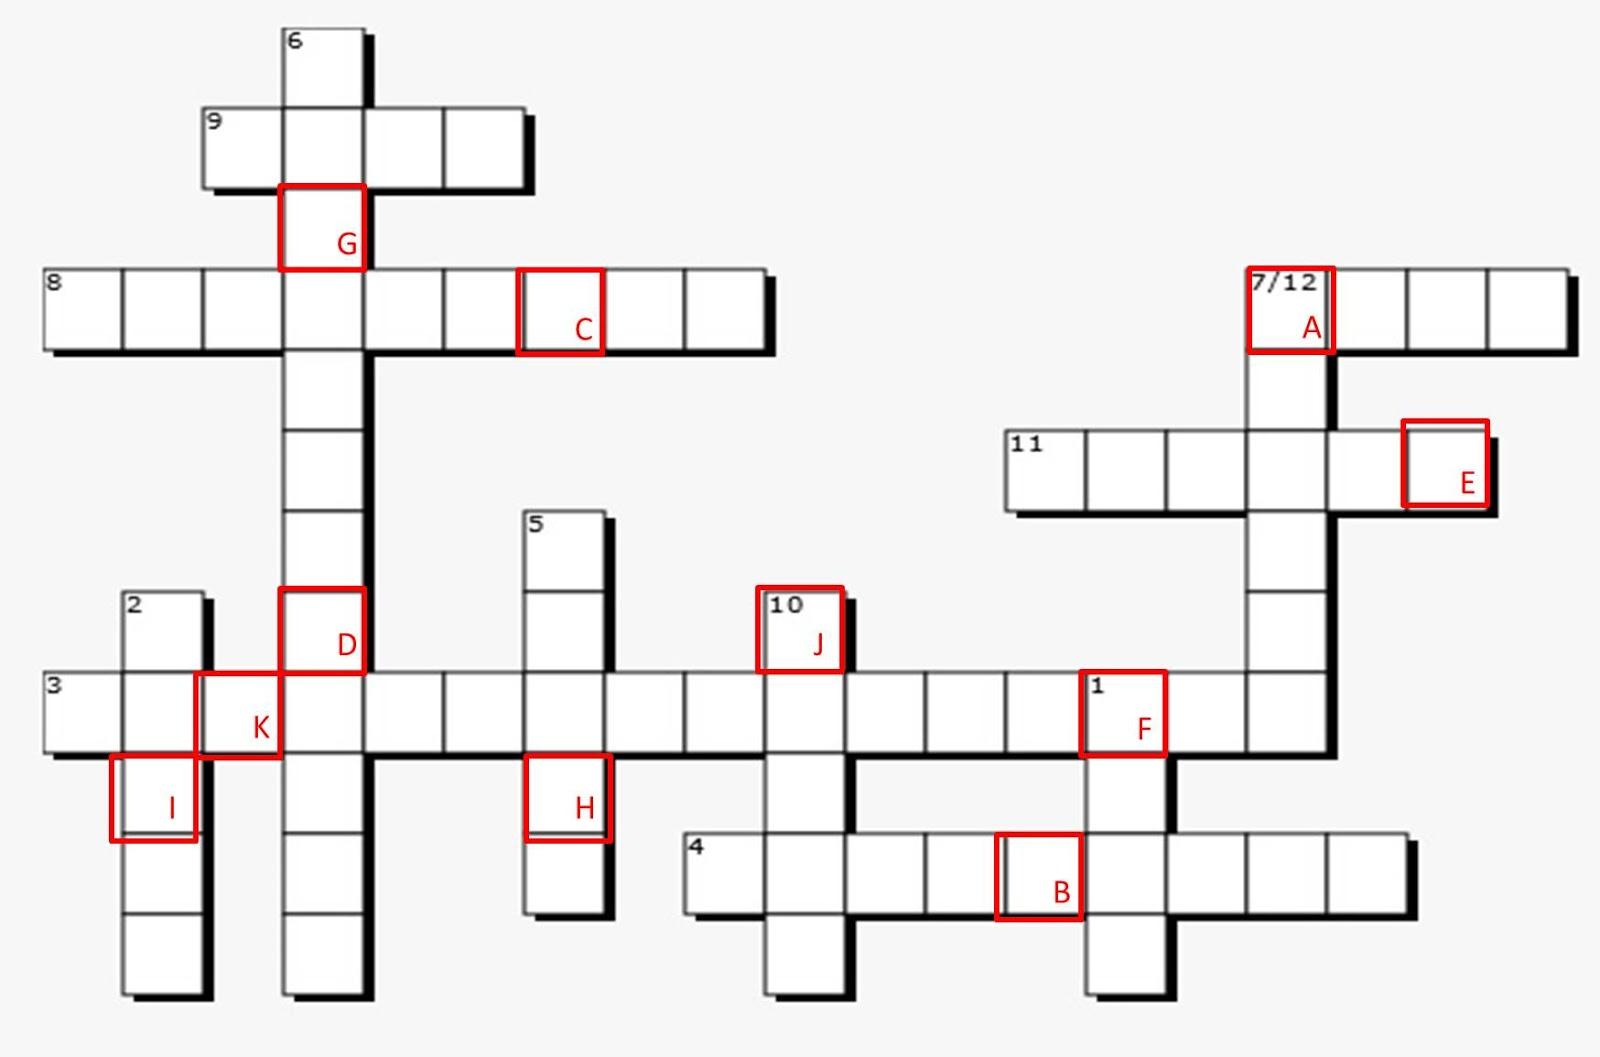 Gemütlich Kreuzworträtsel Vorlage Bilder - Beispiel Business ...